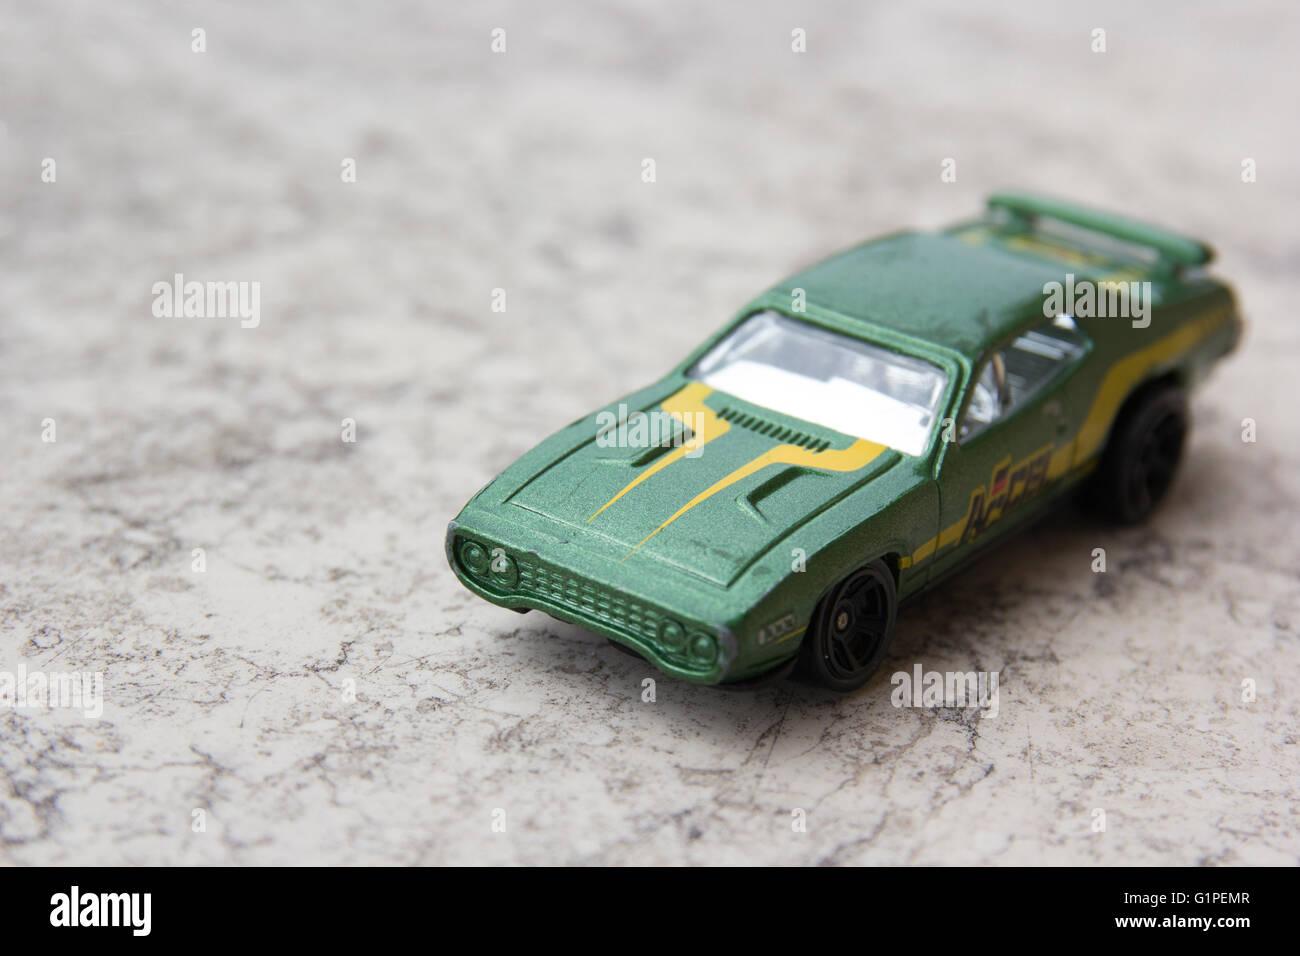 Spielwaren: Green Car Modell Stockbild